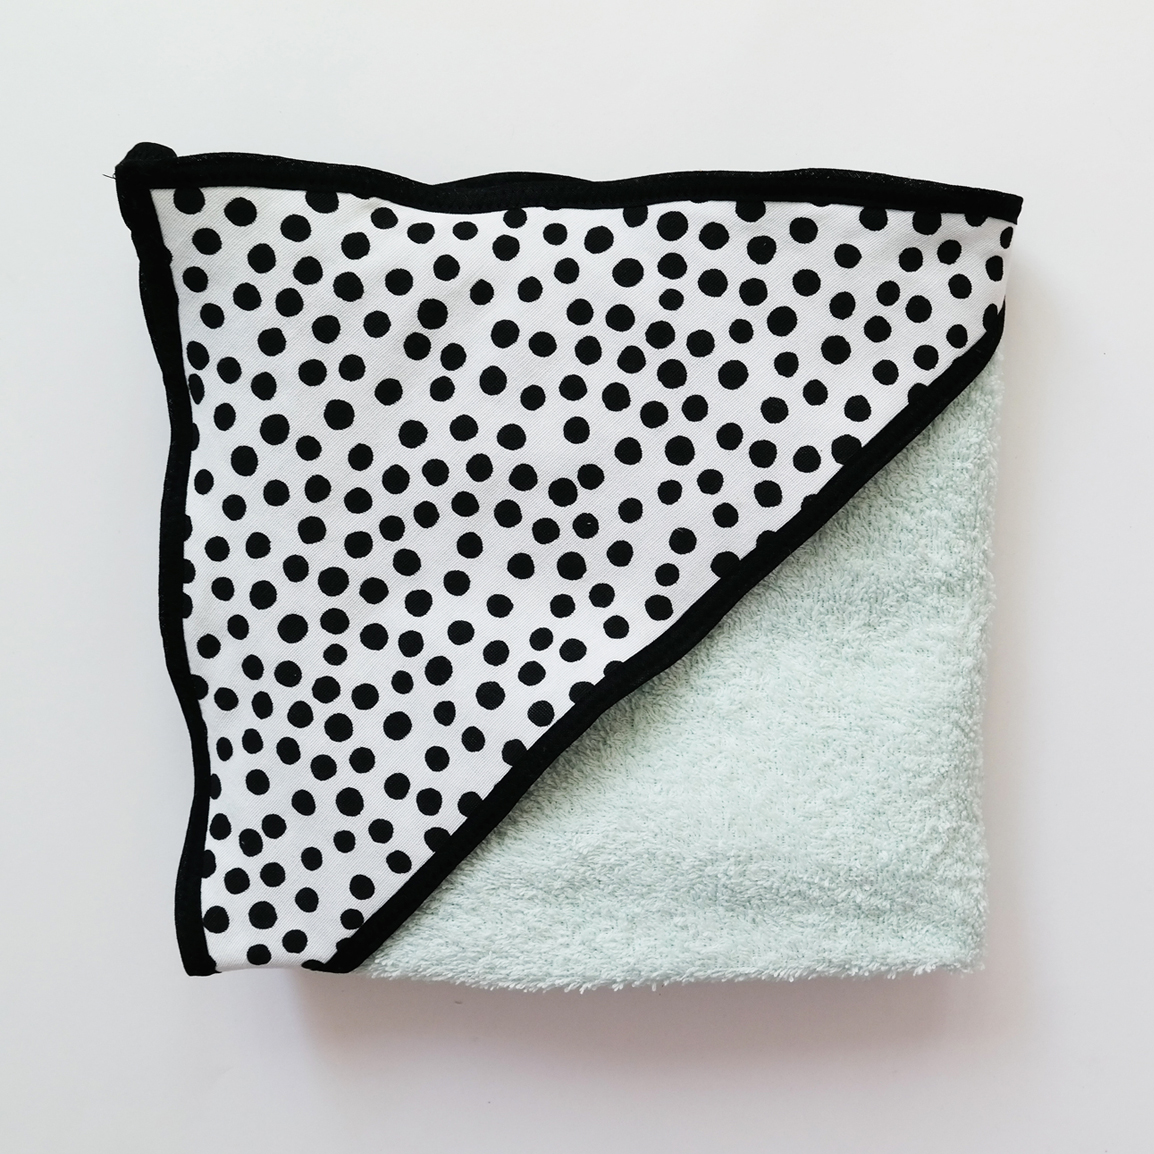 mintgroen badstof badcape met zwarte stippen voor na het badderen